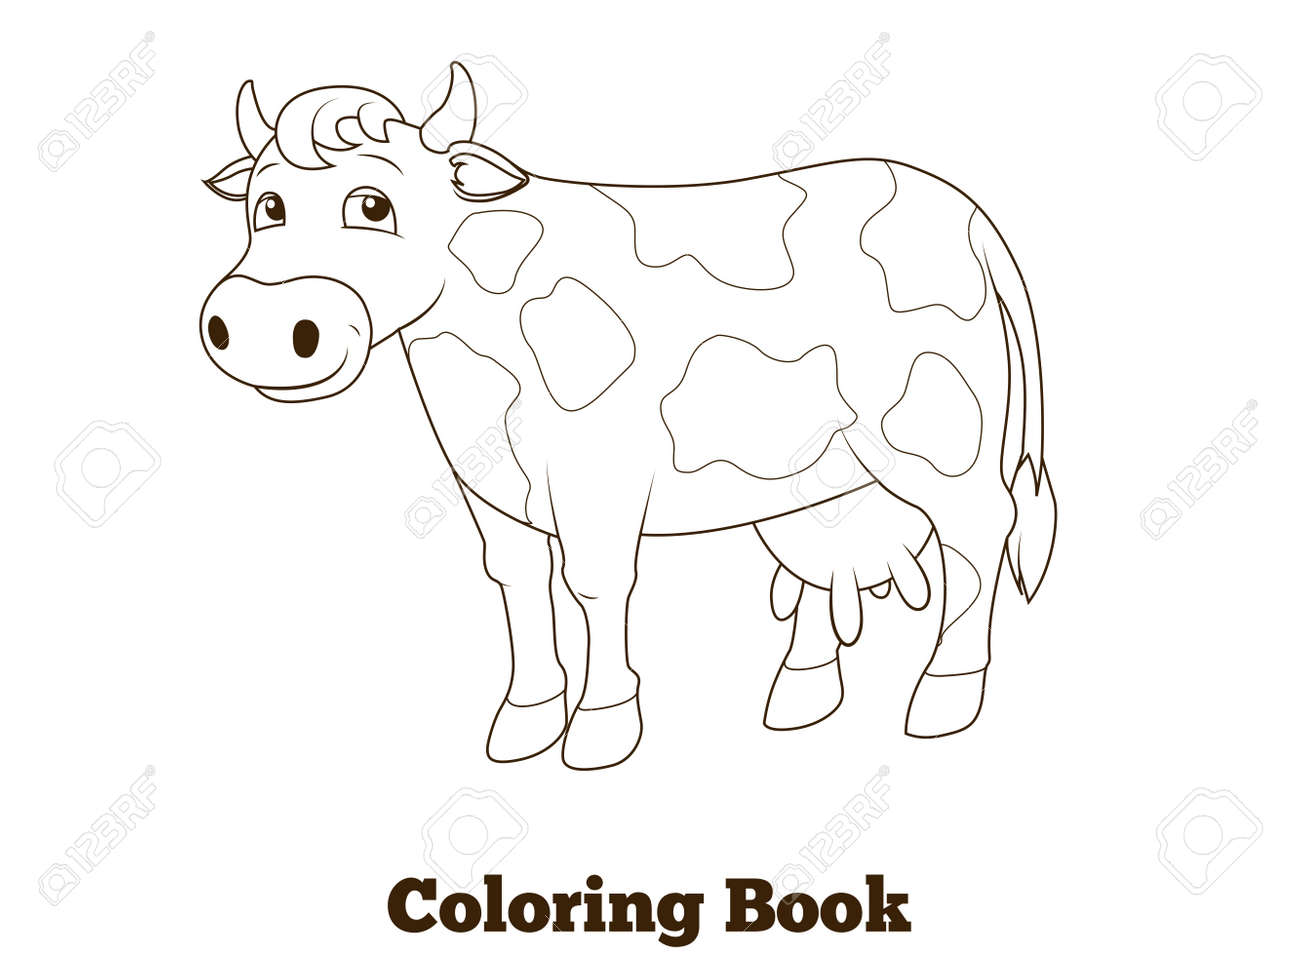 Ilustración Vectorial De Dibujos Animados De La Vaca Educativa Libro Para Colorear